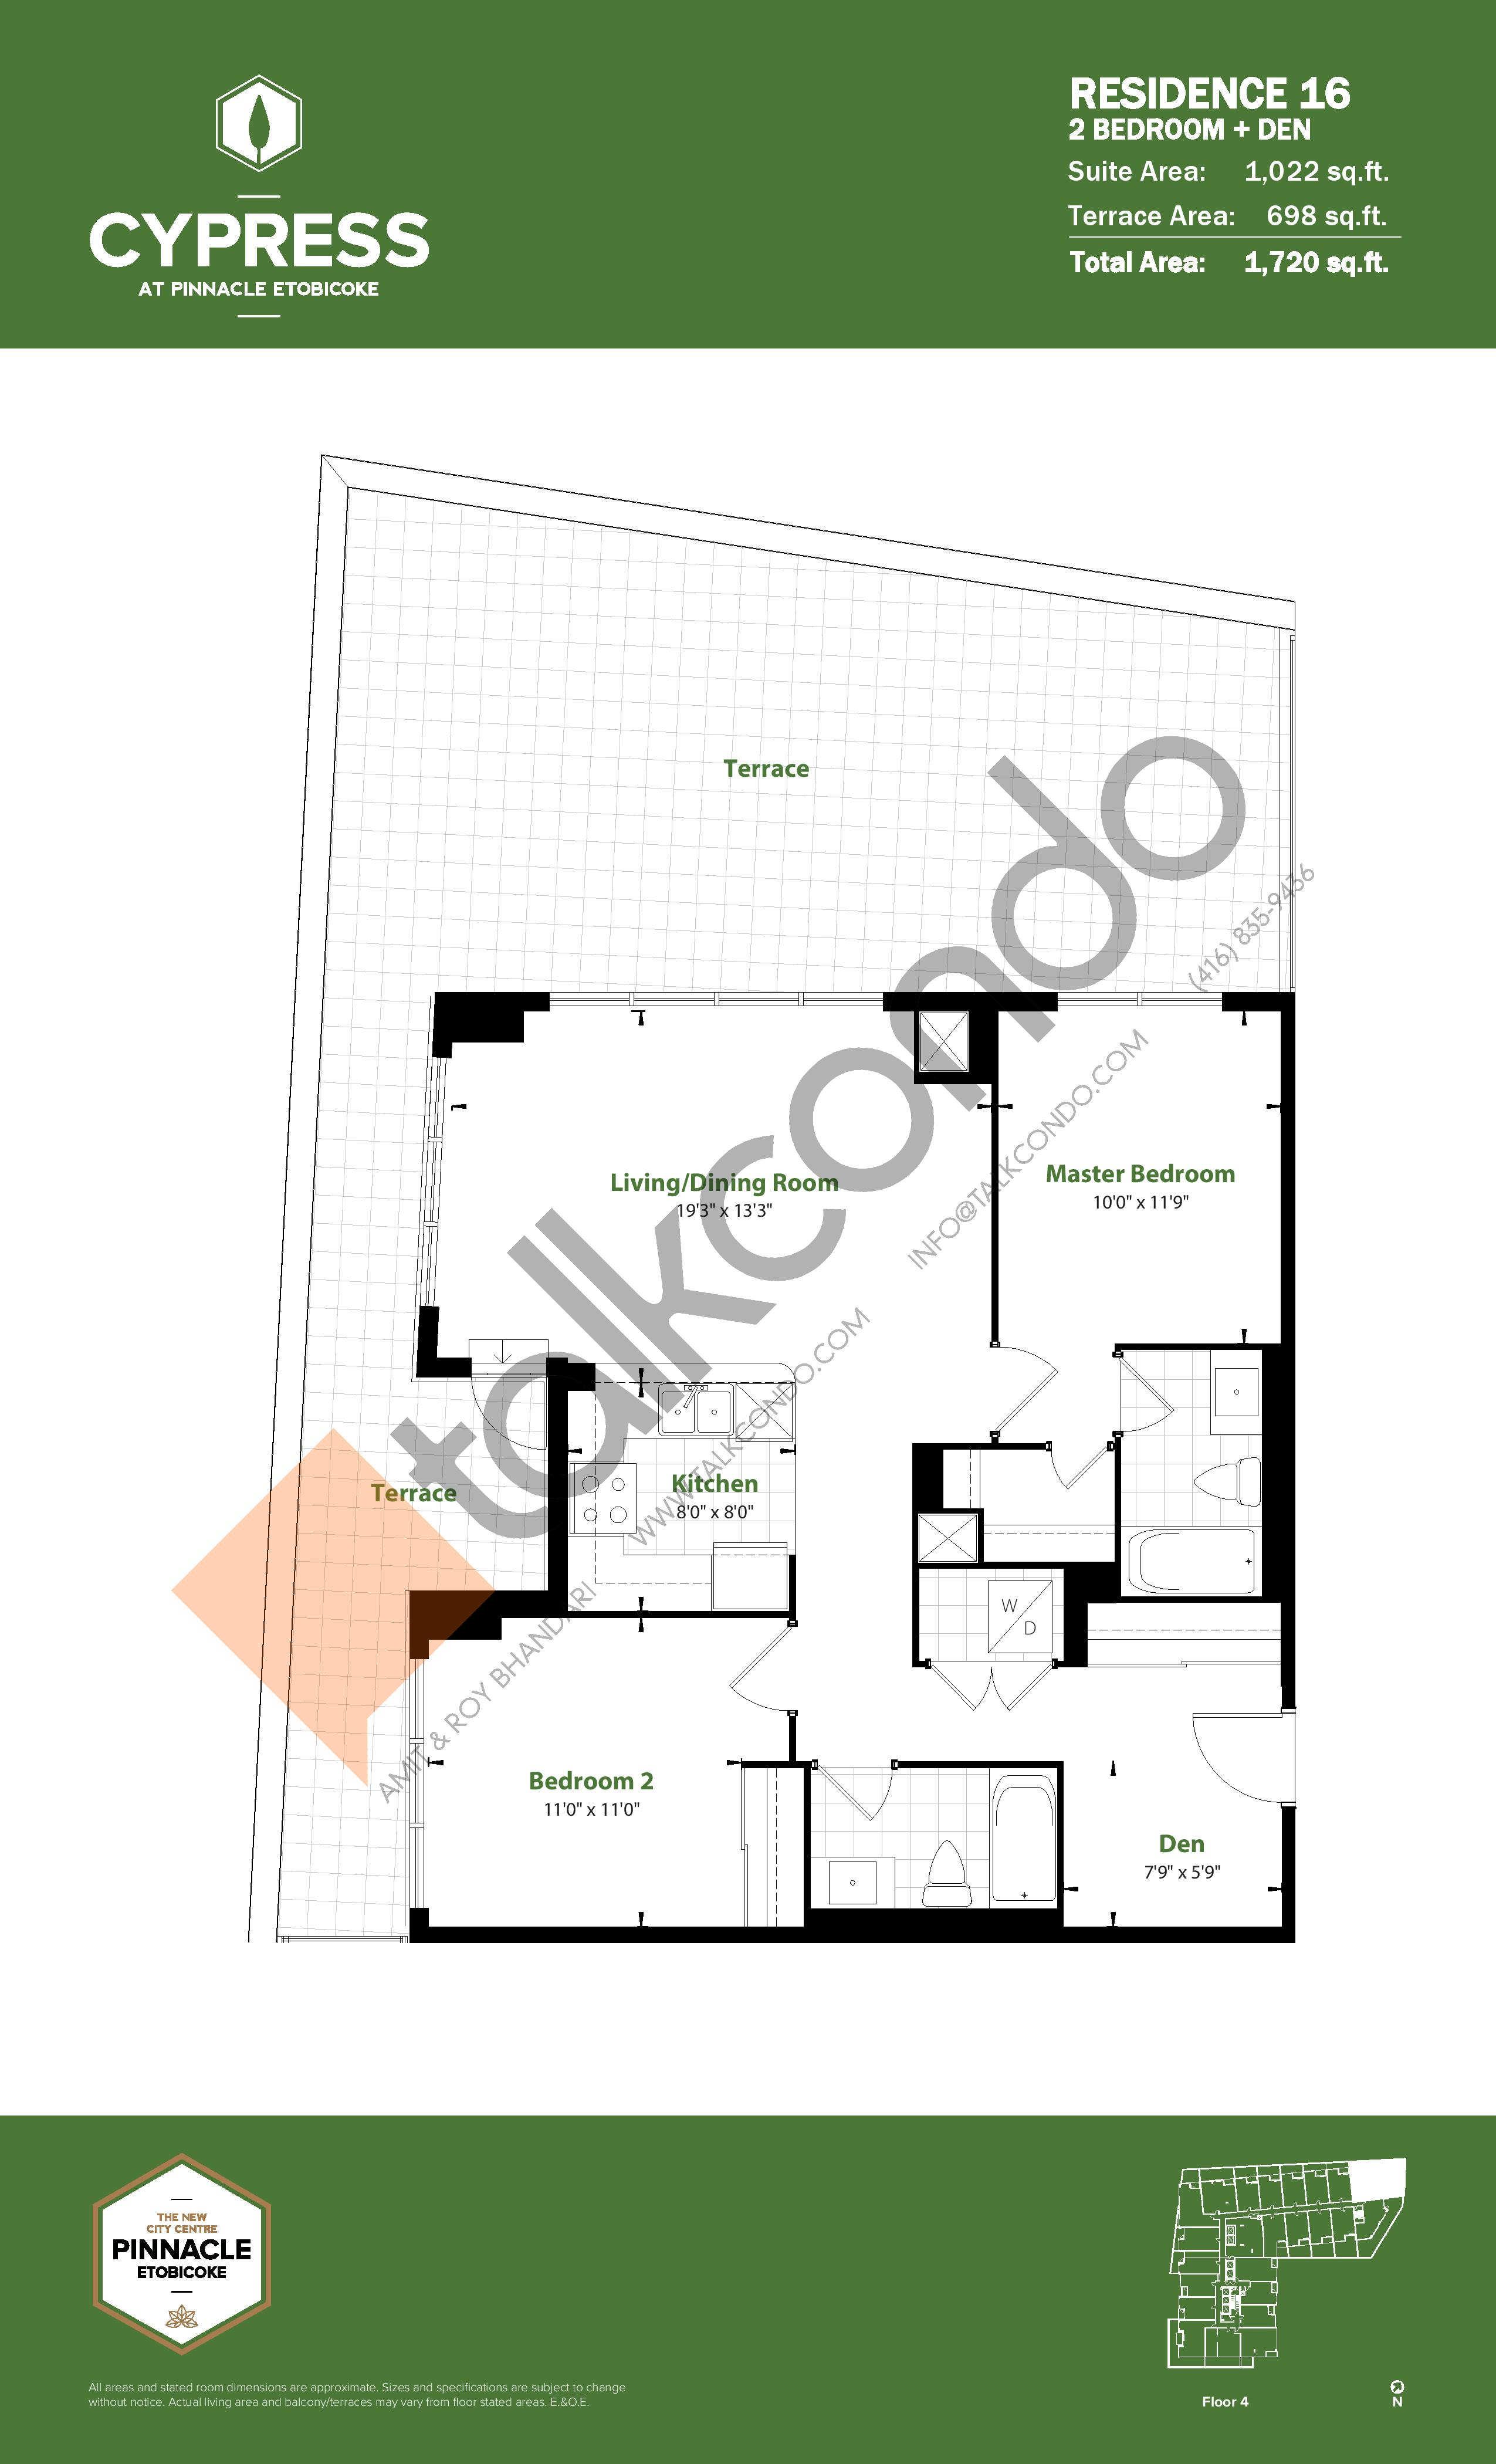 Residence 16 Floor Plan at Cypress at Pinnacle Etobicoke - 1022 sq.ft